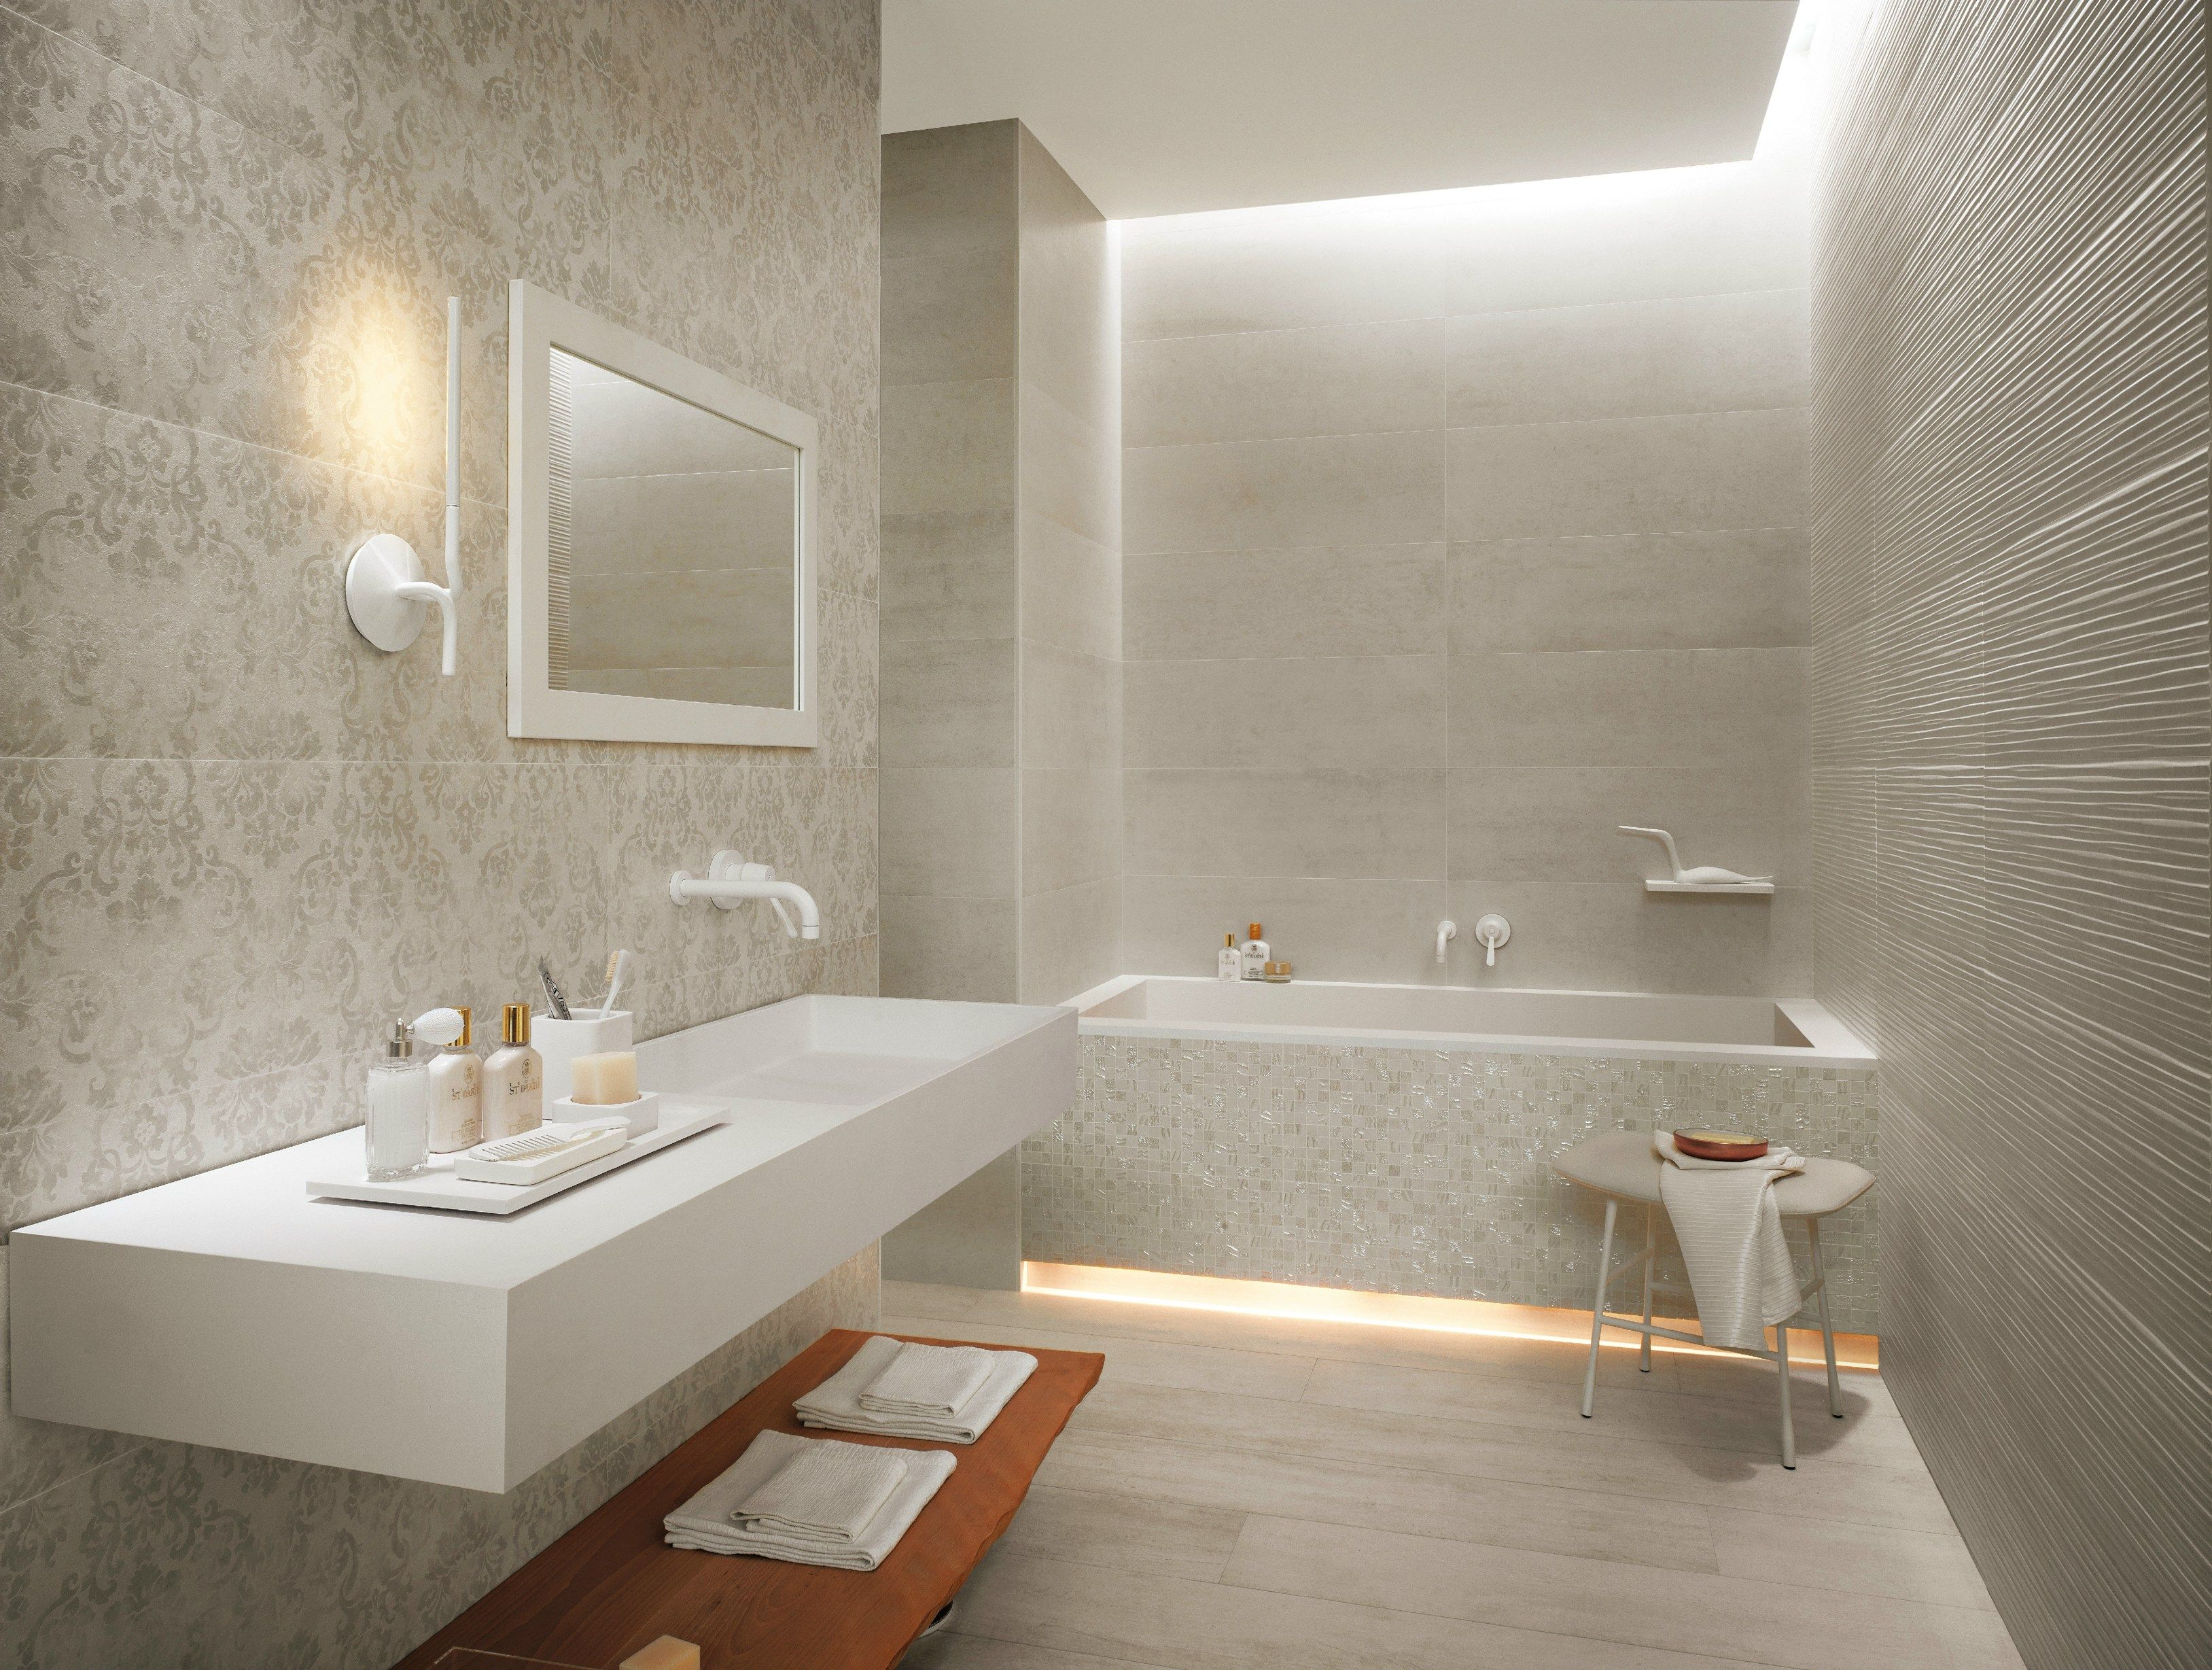 Non una semplice piastrella per il bagno ma un caldo for Bagno caldo durante il ciclo